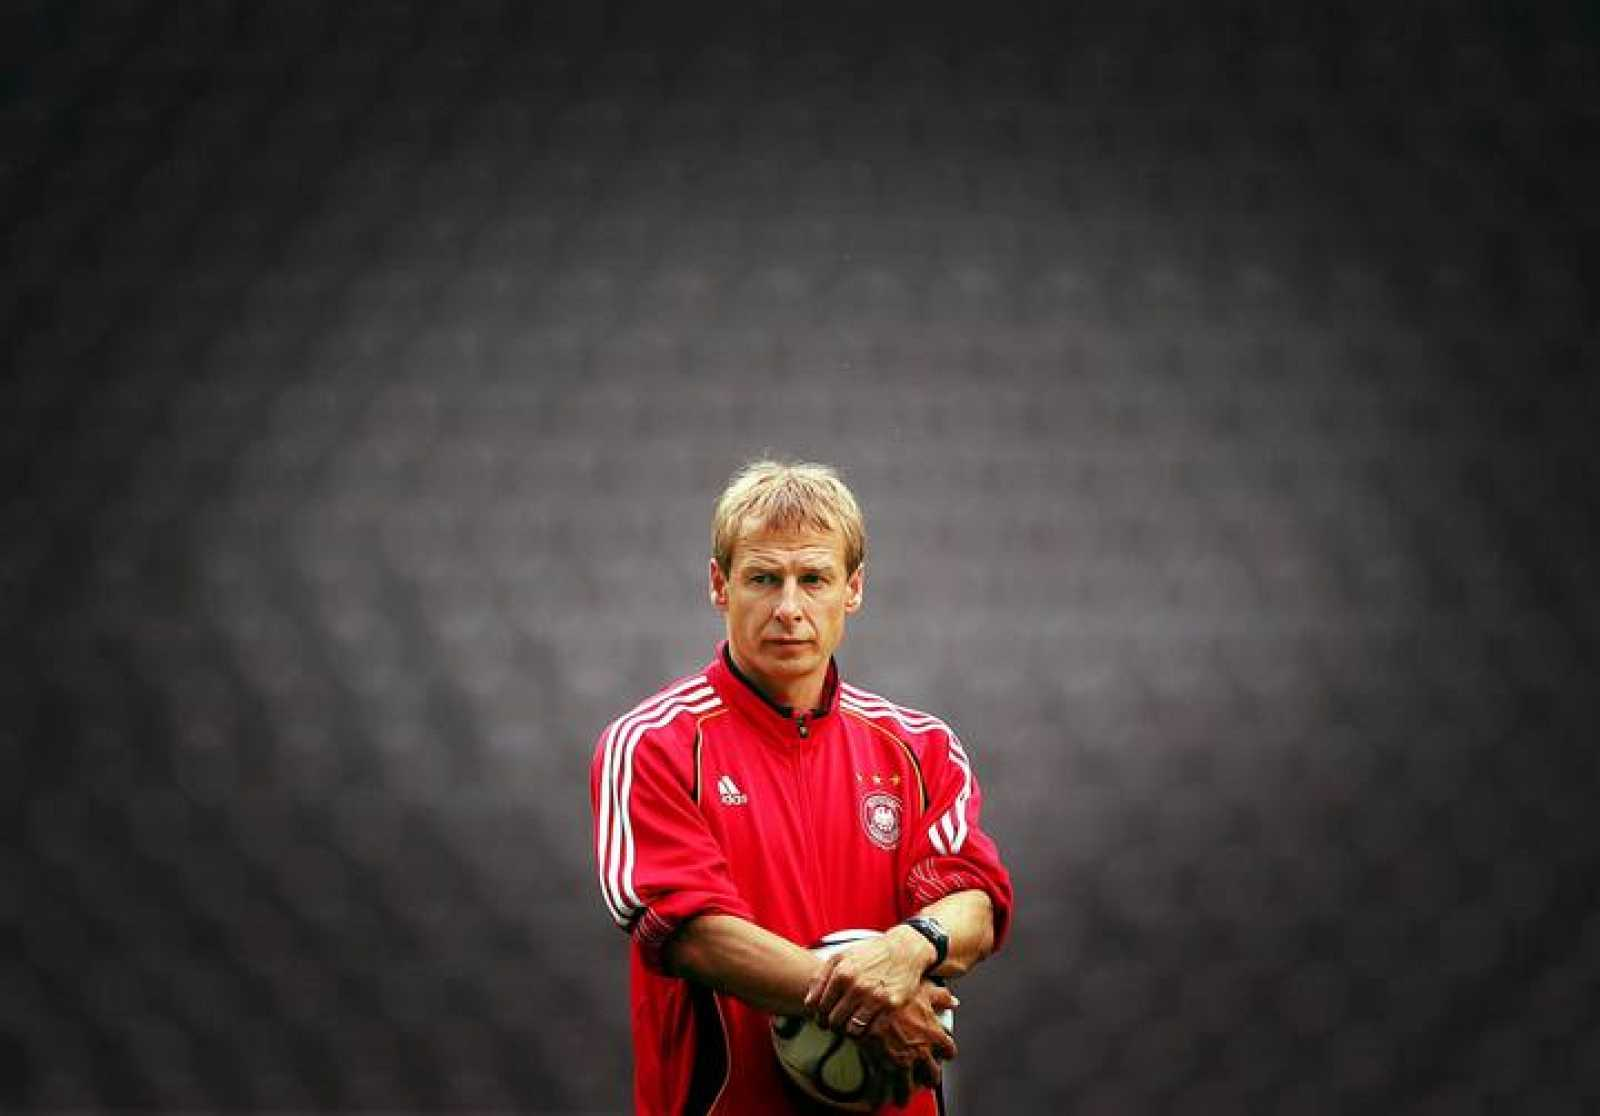 Klinsmann, en su etapa como seleccionador alemán.